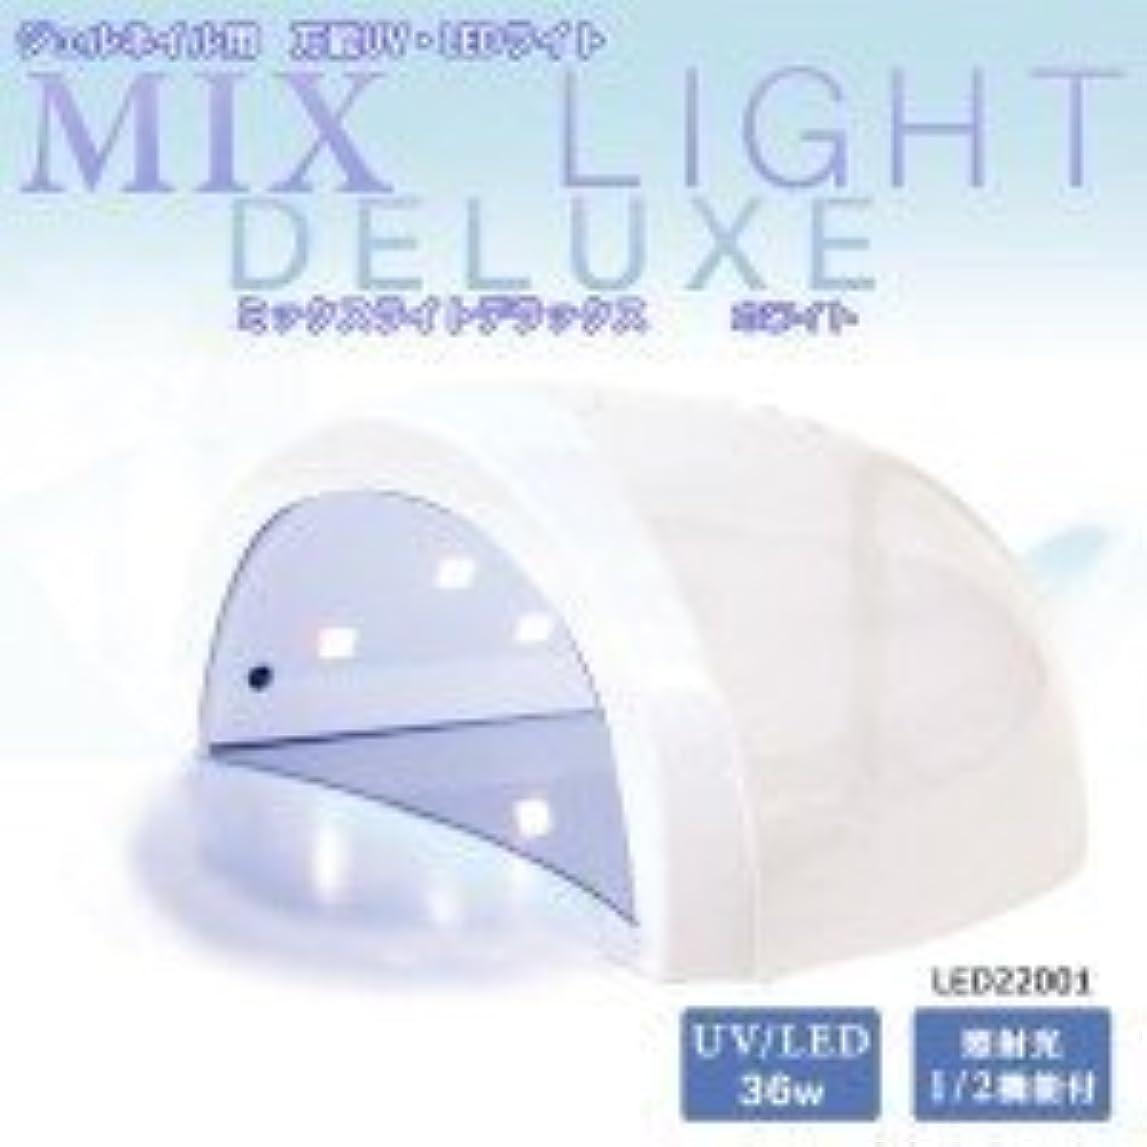 プレゼンテーションドット包帯ビューティーワールド ジェルネイル用 万能UV?LEDライト MIX LIGHT DELUXE ミックスライトデラックス  ホワイトLED22001